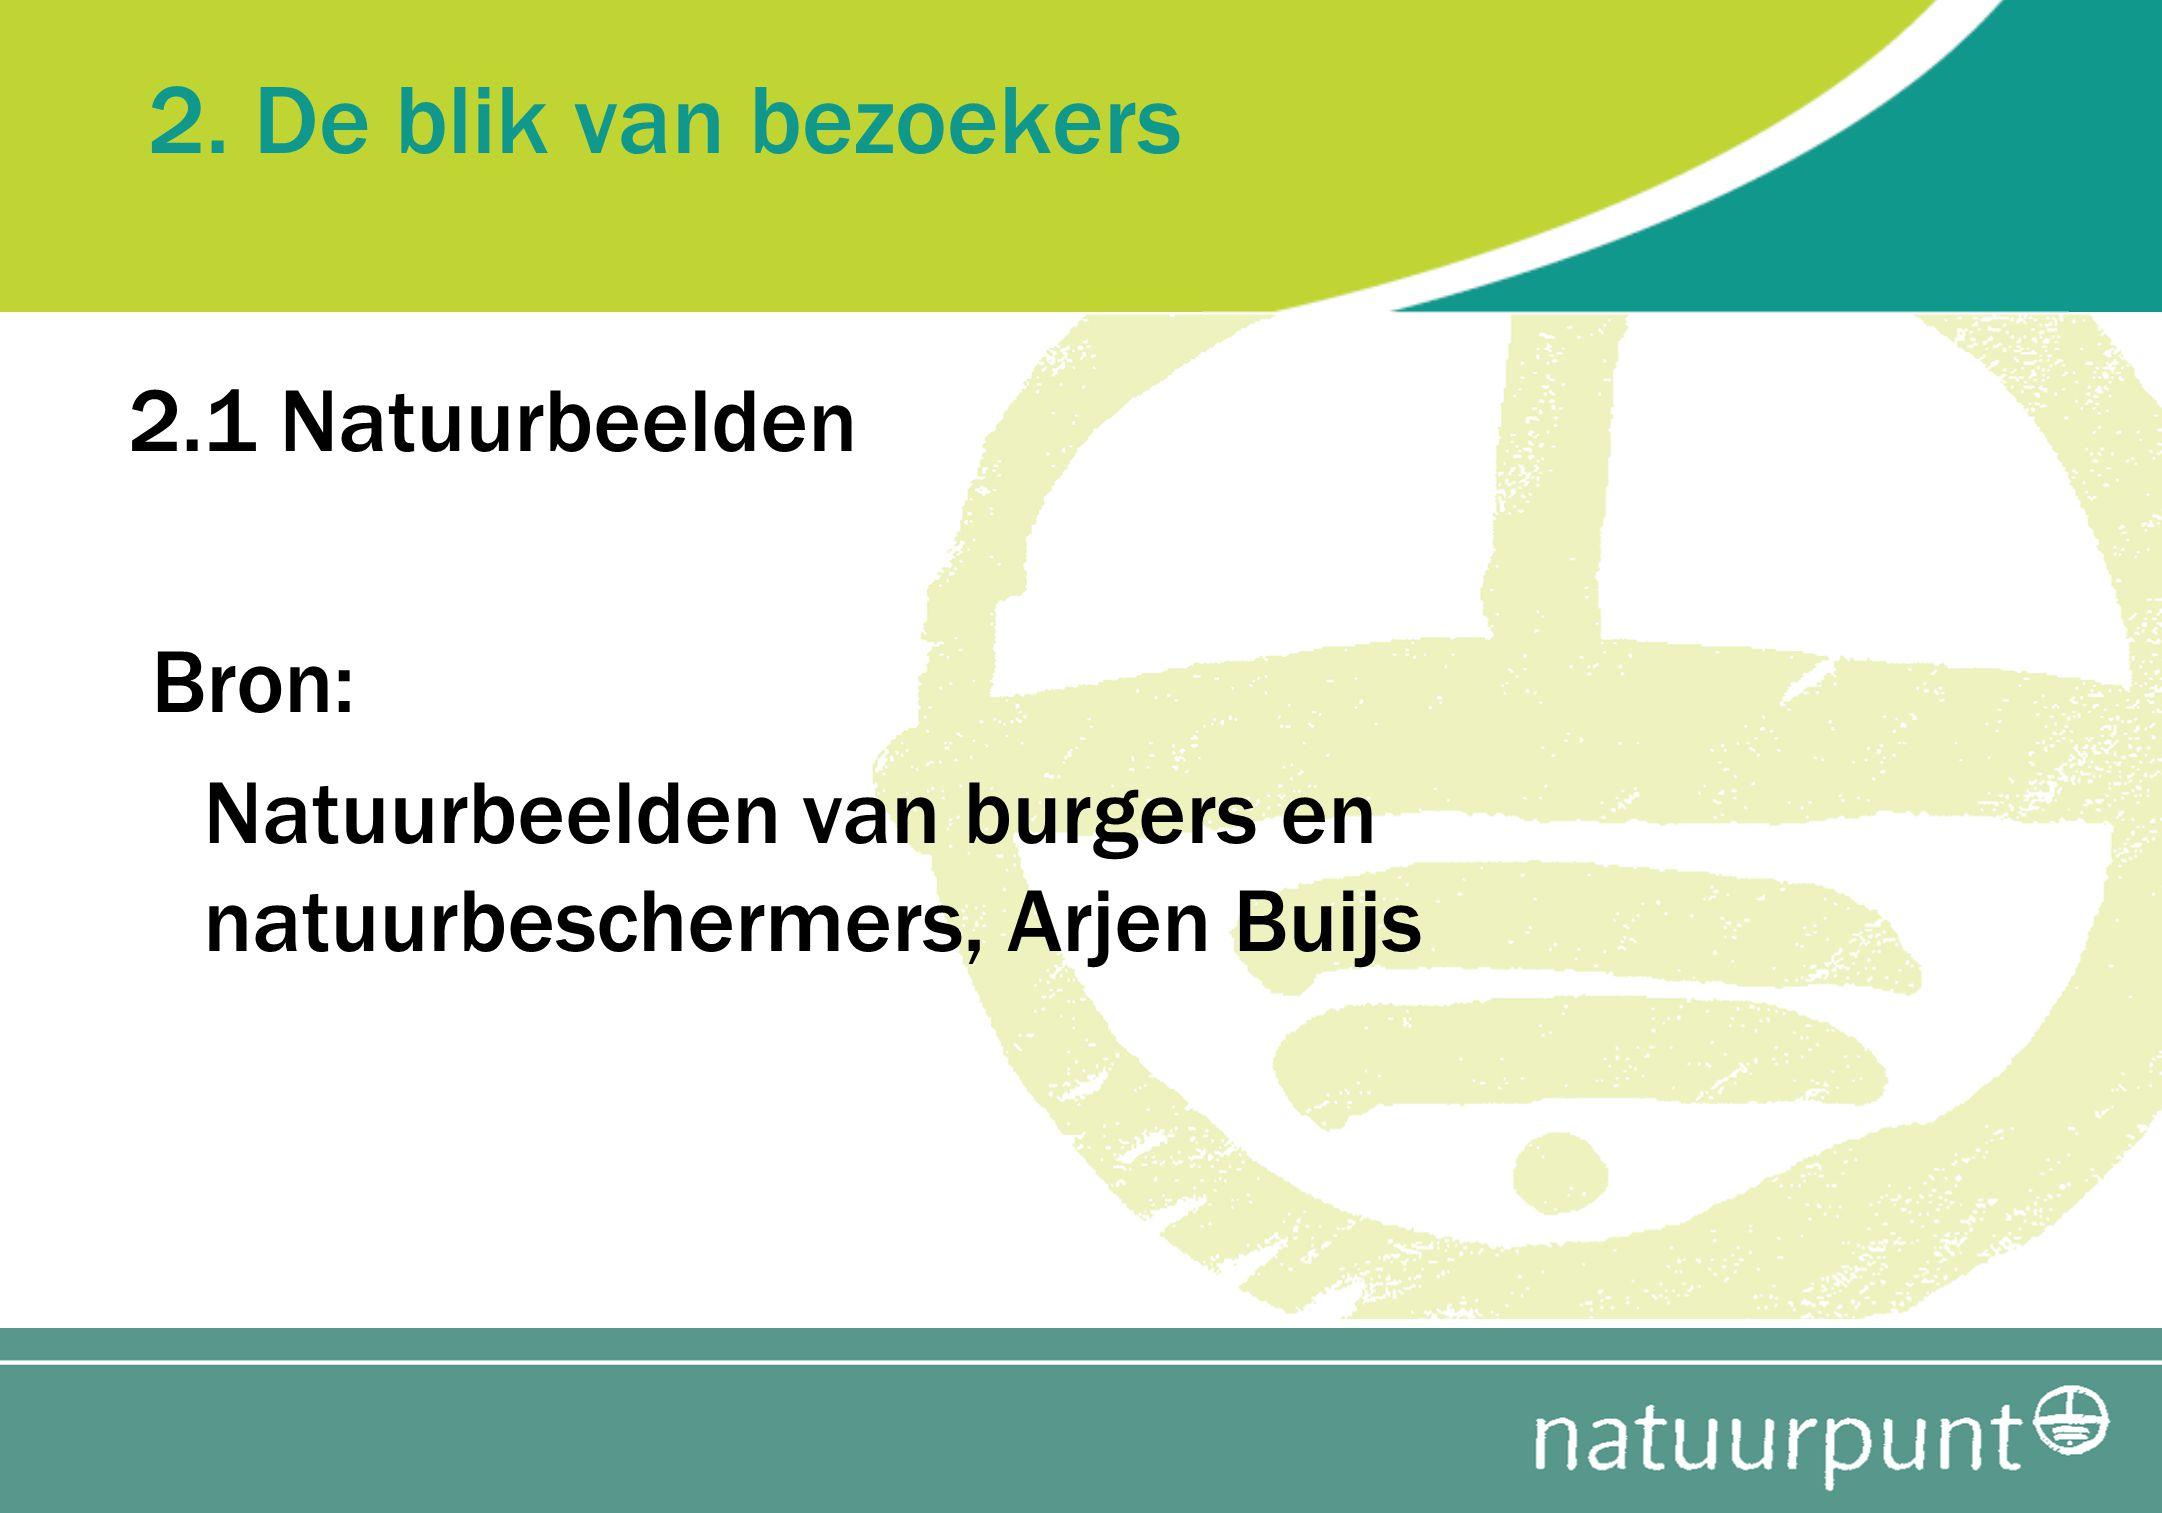 2. De blik van bezoekers 2.1 Natuurbeelden Bron: Natuurbeelden van burgers en natuurbeschermers, Arjen Buijs